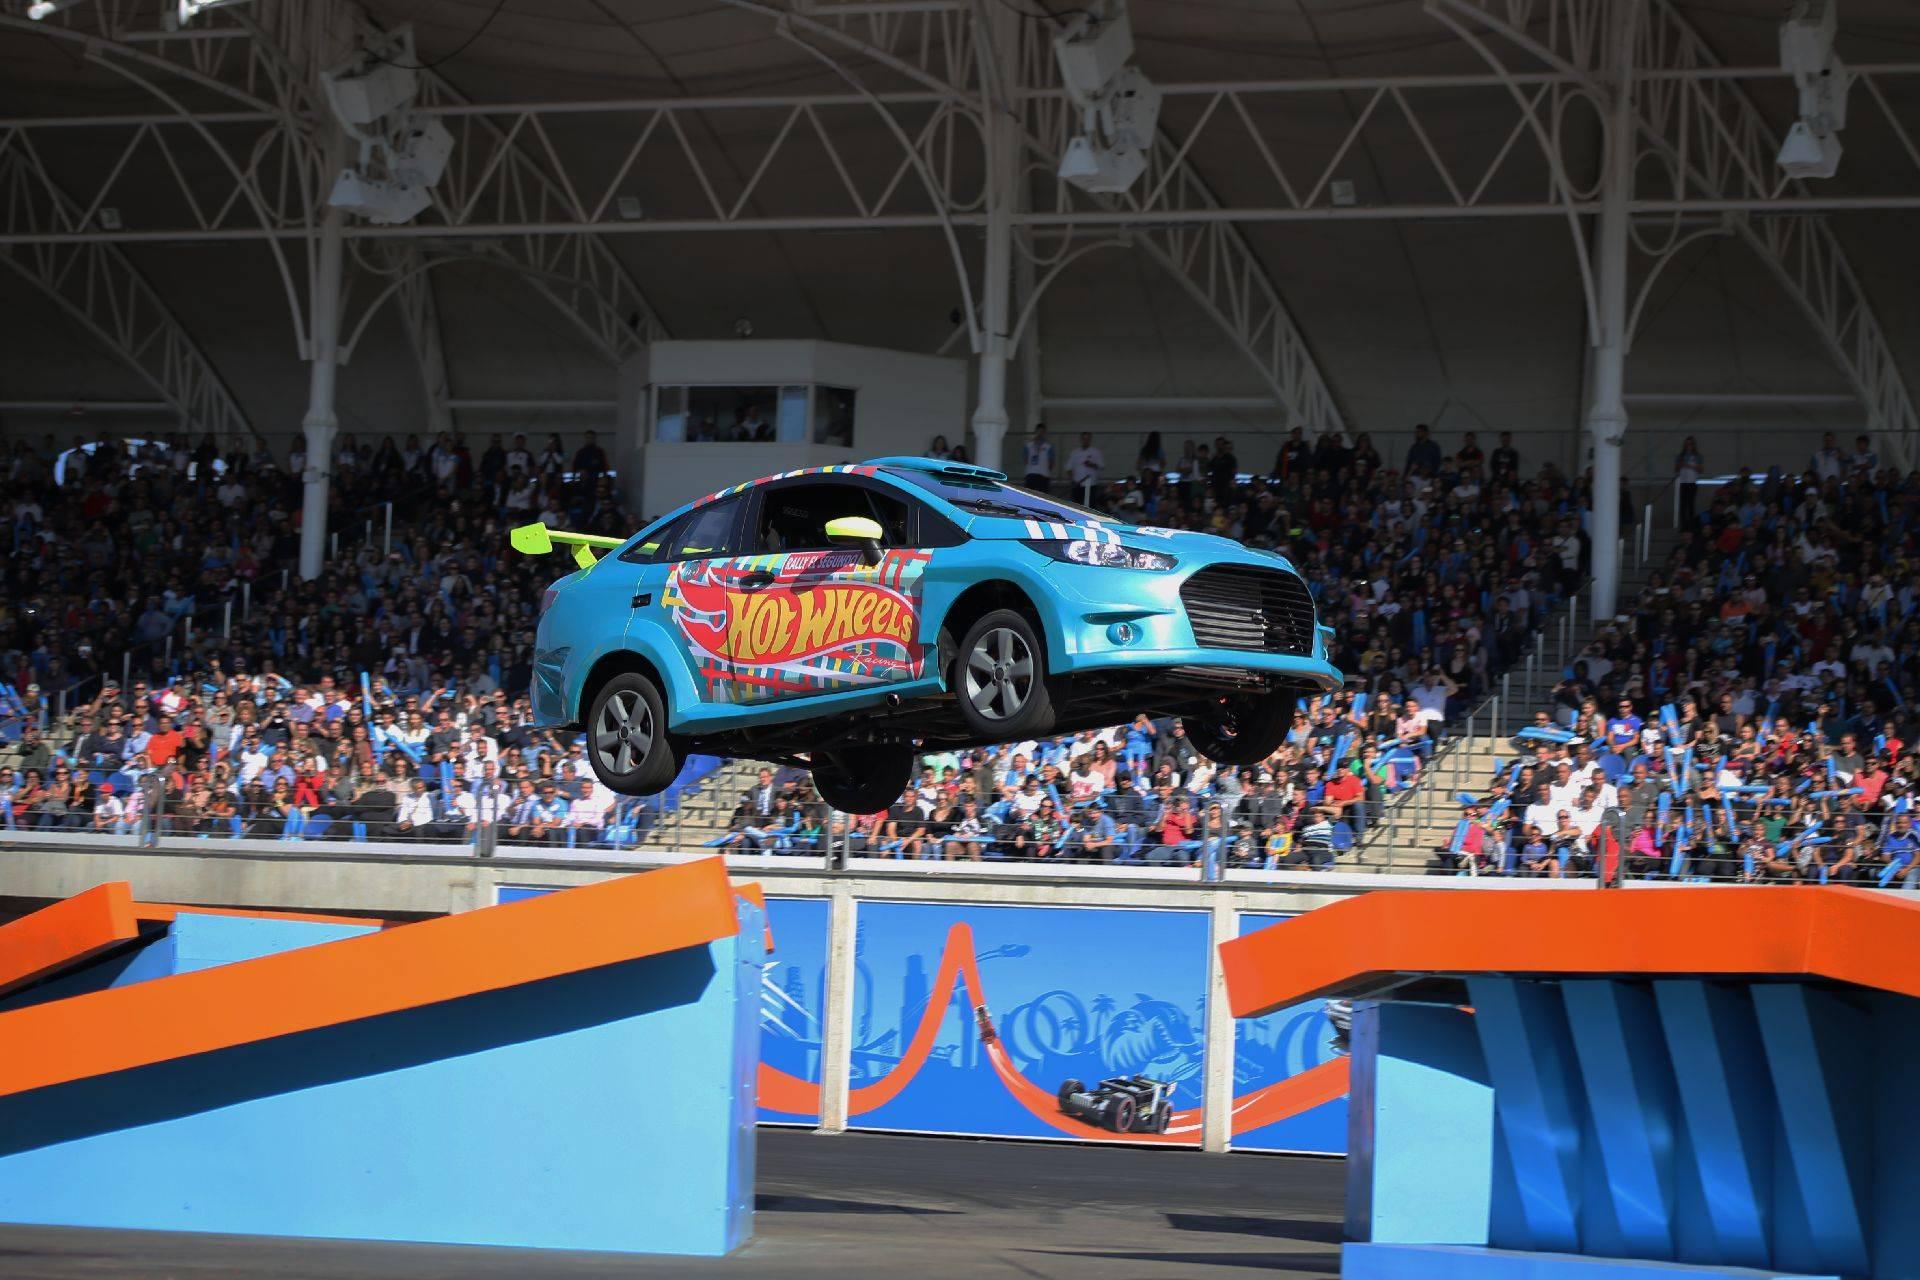 Hot Wheels Epic Show: show de manobras radicais com veículos é uma das atrações do parque. Foto: Divulgação